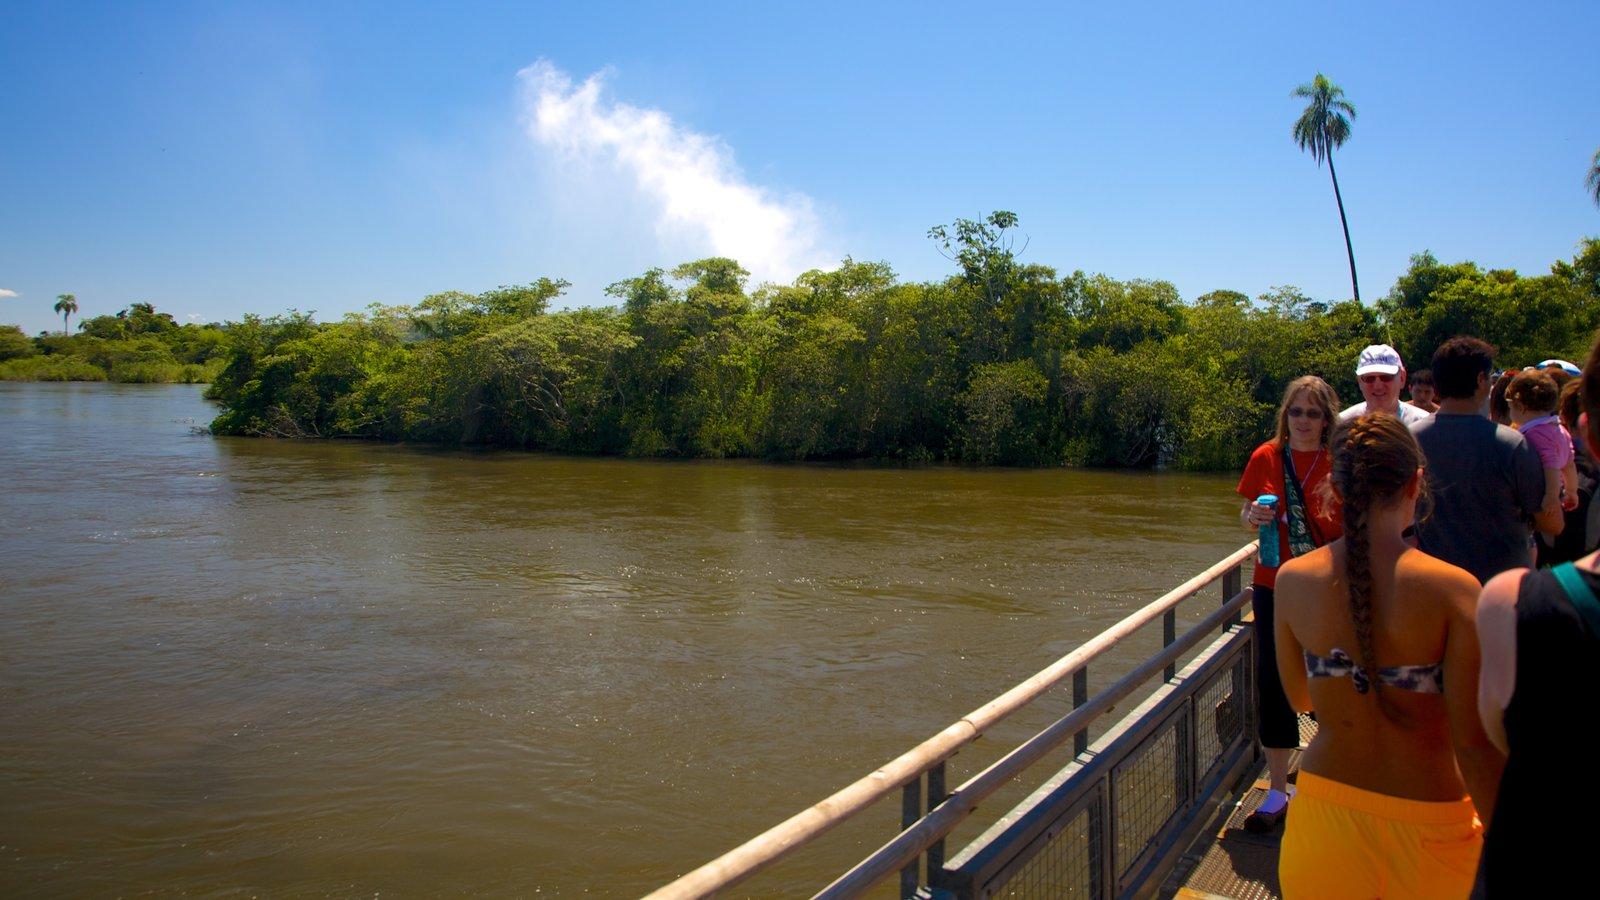 Garganta do Diabo que inclui mangues, uma ponte e paisagens